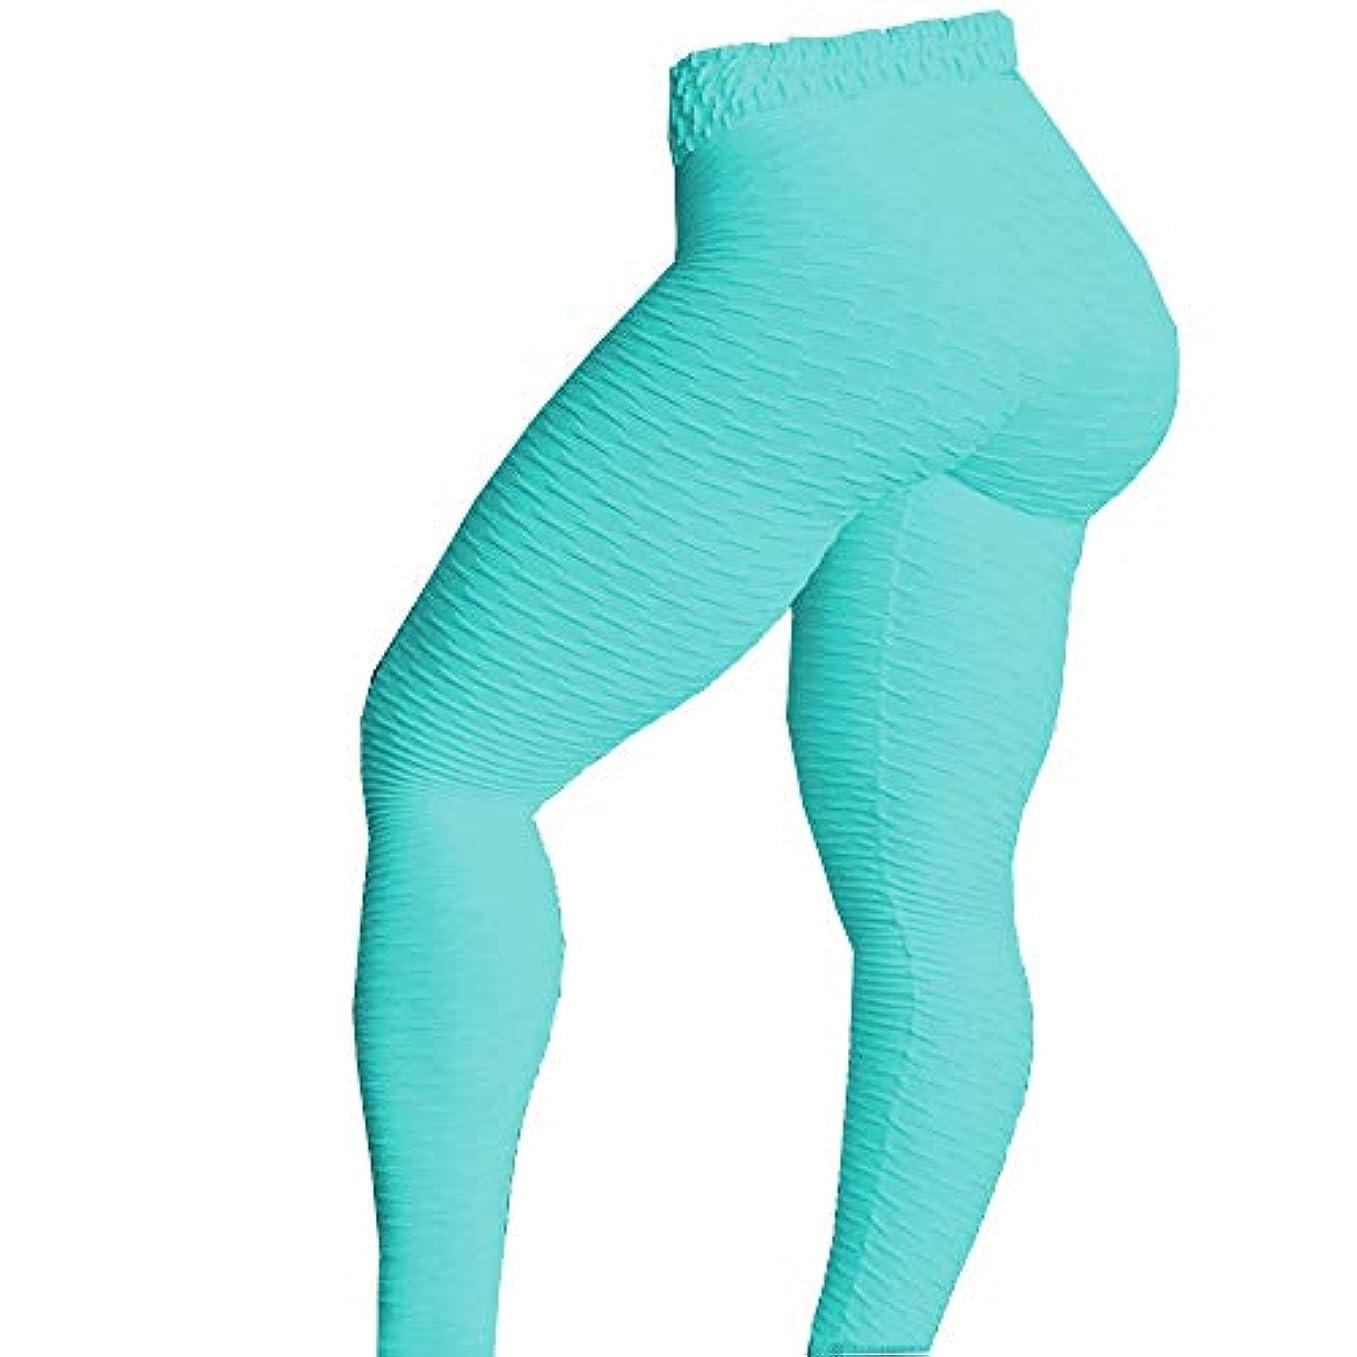 寝てる溶かす速報MIFAN パンツ女性、ハイウエストパンツ、スキニーパンツ、ヨガレギンス、女性のズボン、ランニングパンツ、スポーツウェア